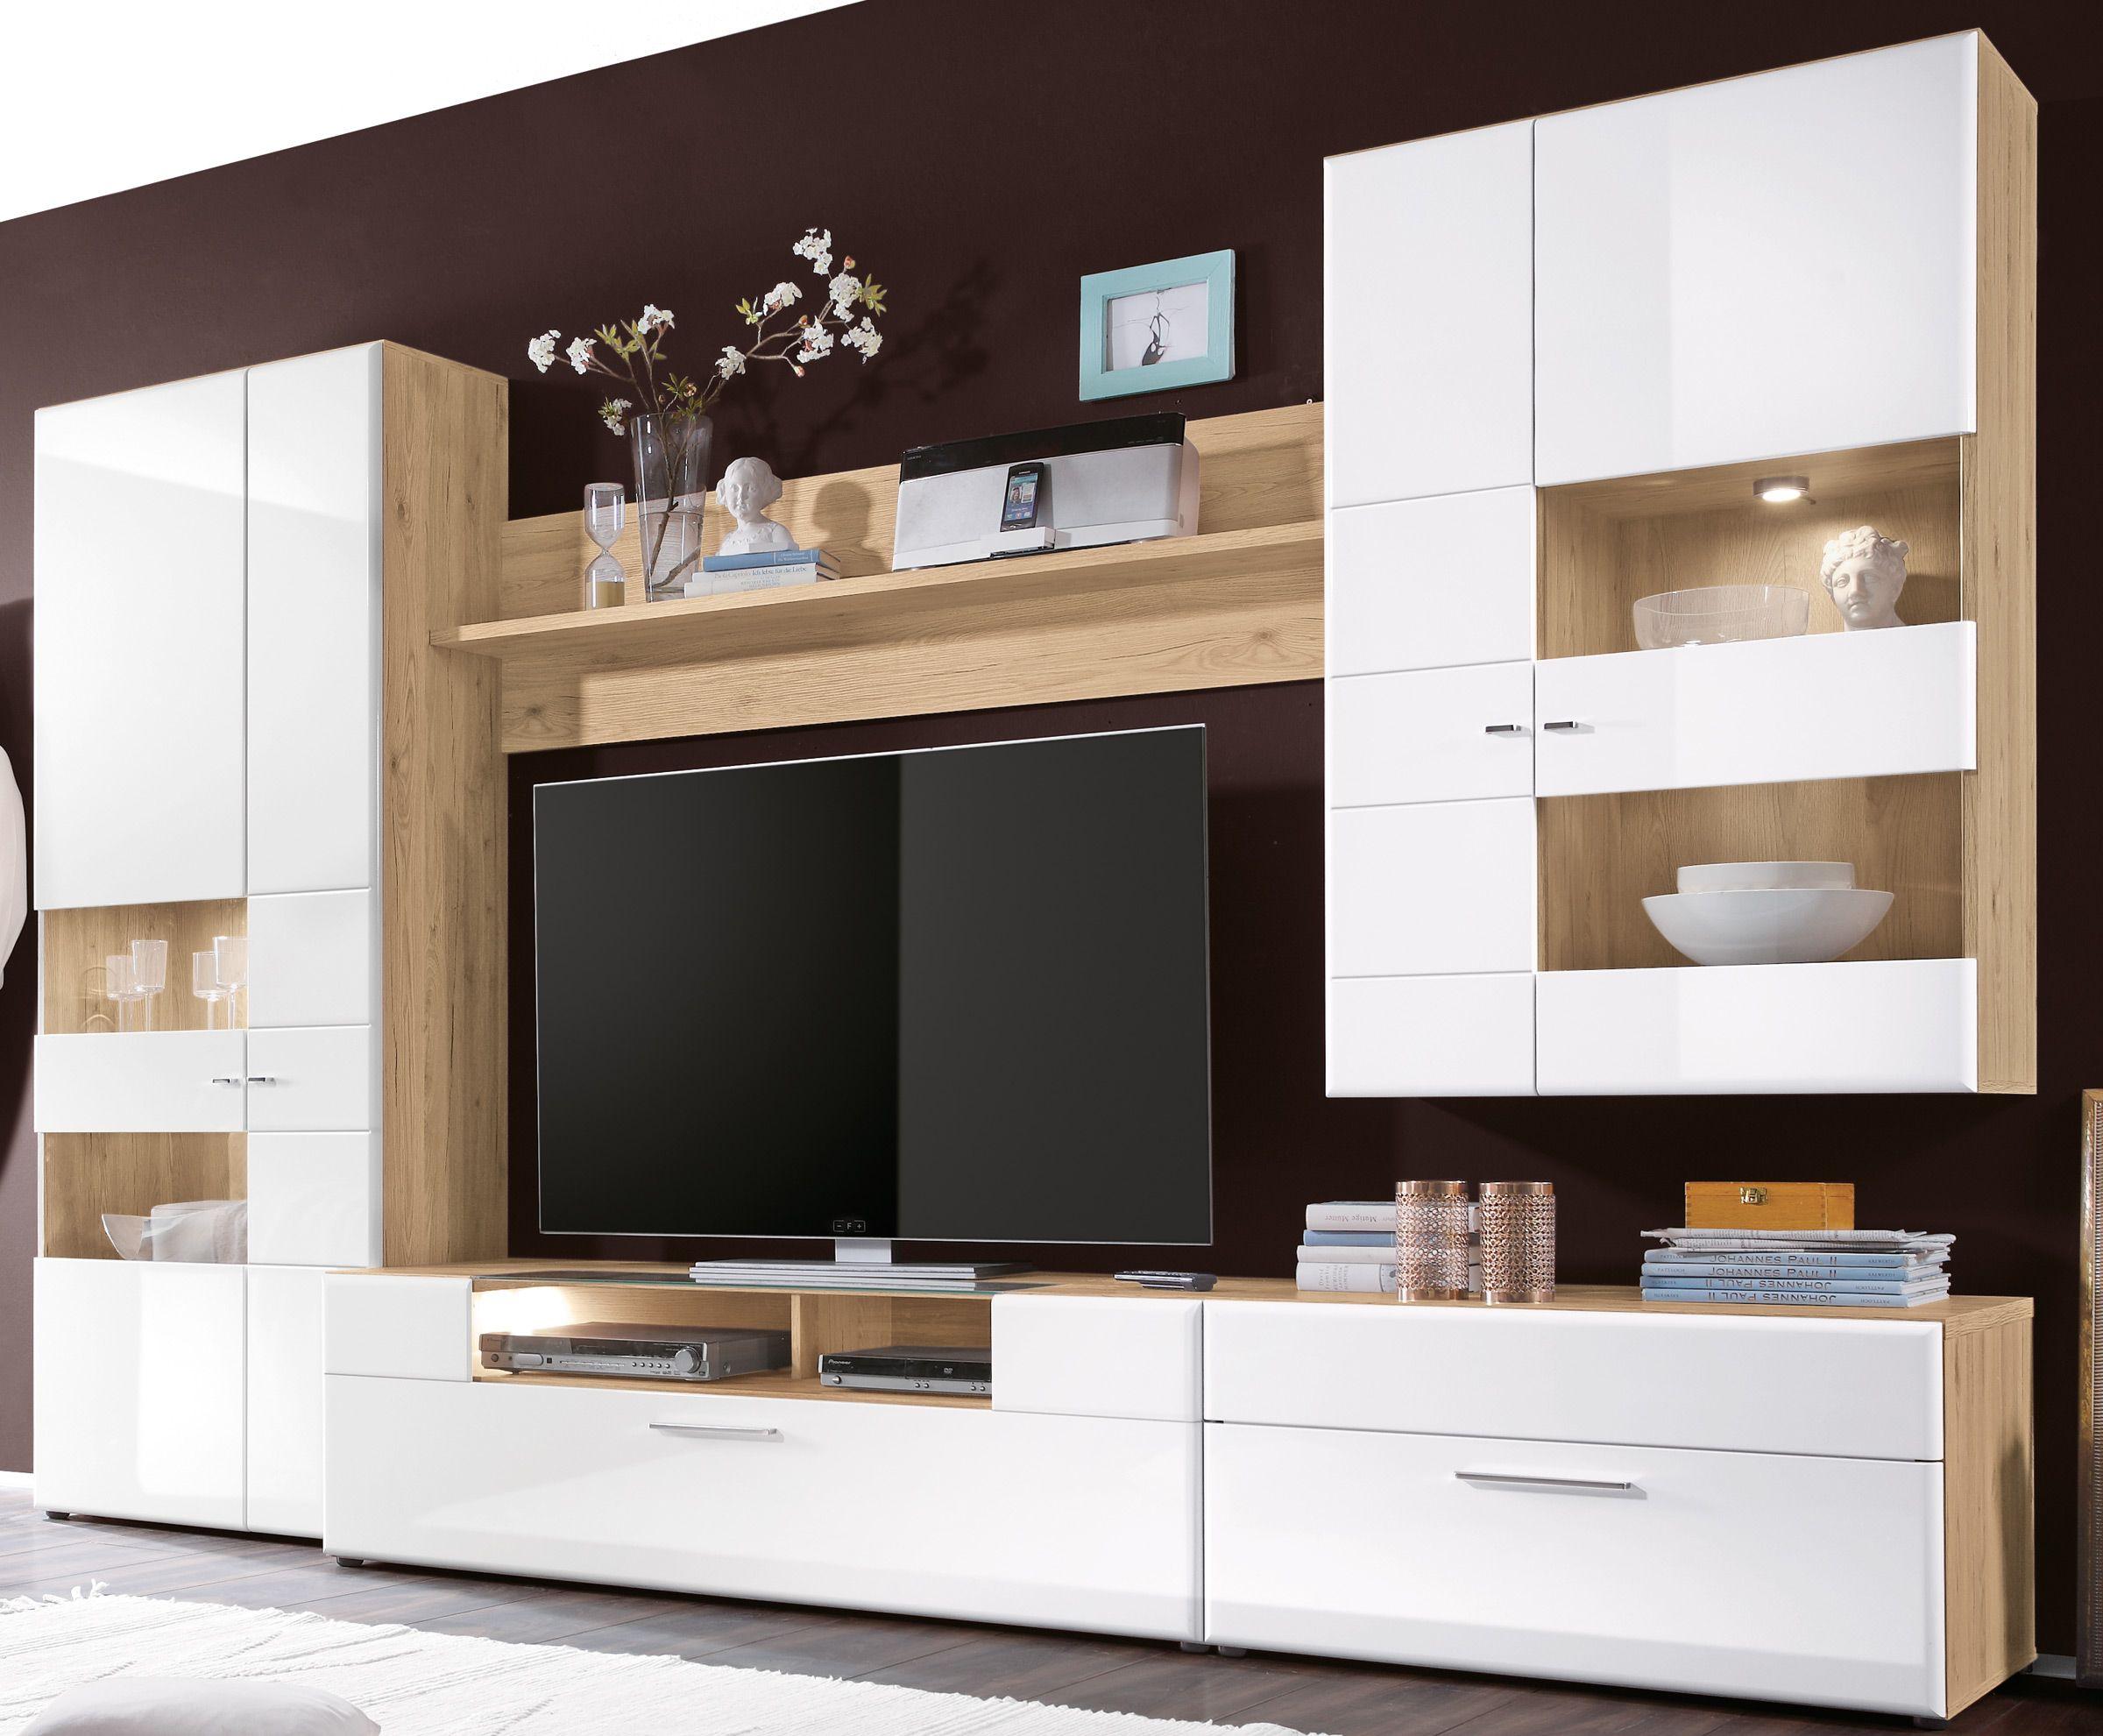 wohnwände günstig online kaufen   Wohnwand weiss, Wohnwand, Wohnwand weiß hochglanz